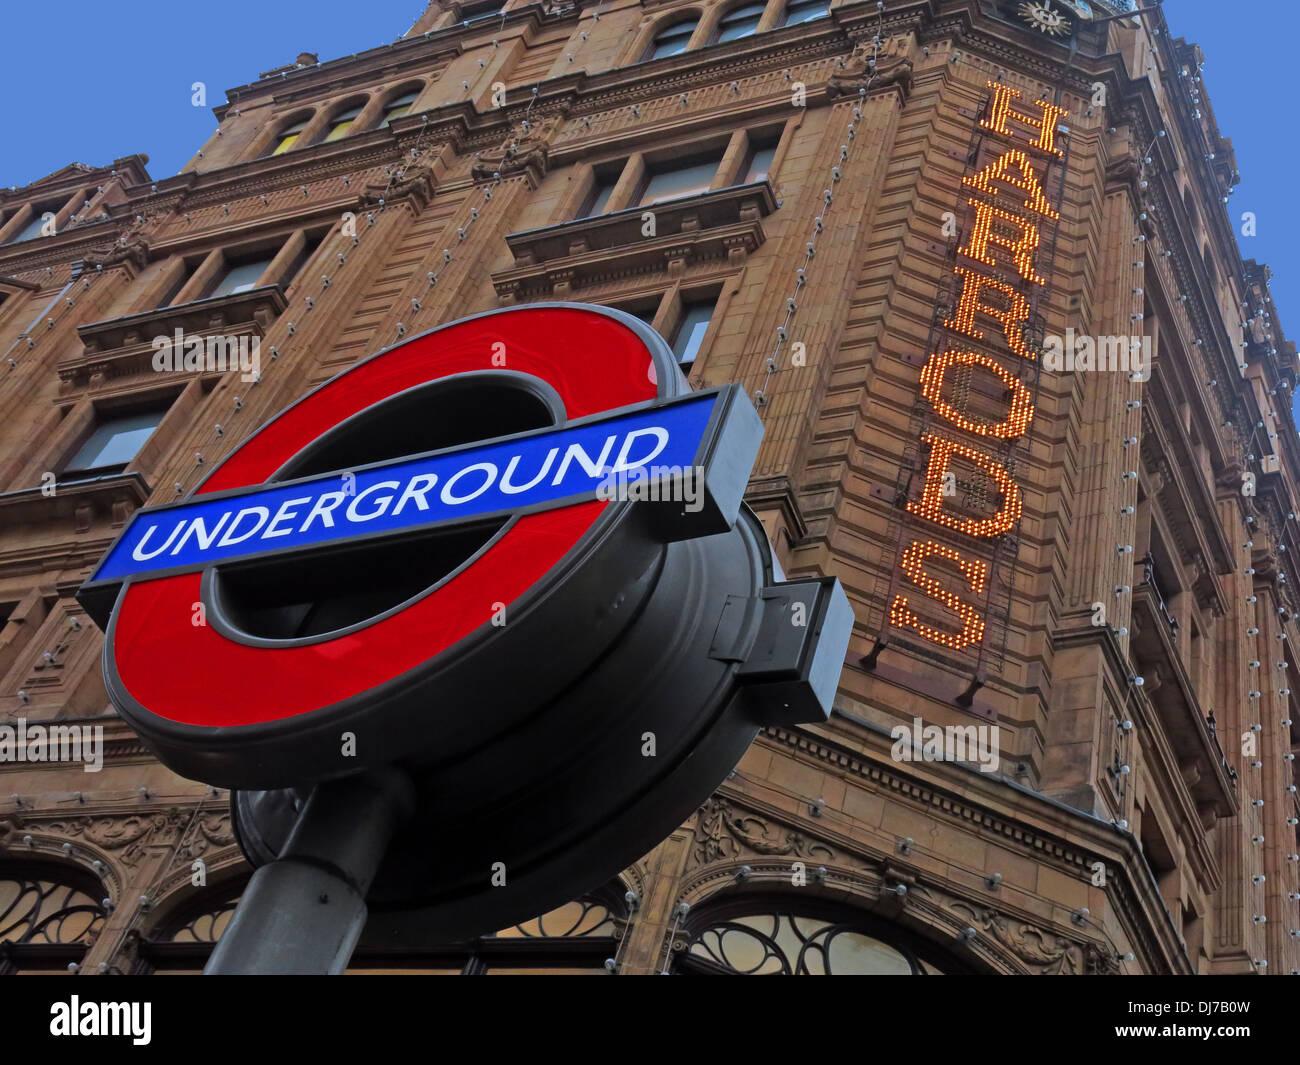 Laden Sie dieses Alamy Stockfoto Londoner U-Bahn Zeichen bei Harrods Knightsbridge Brompton Road, West London, England, UK in der Abenddämmerung - DJ7B0W